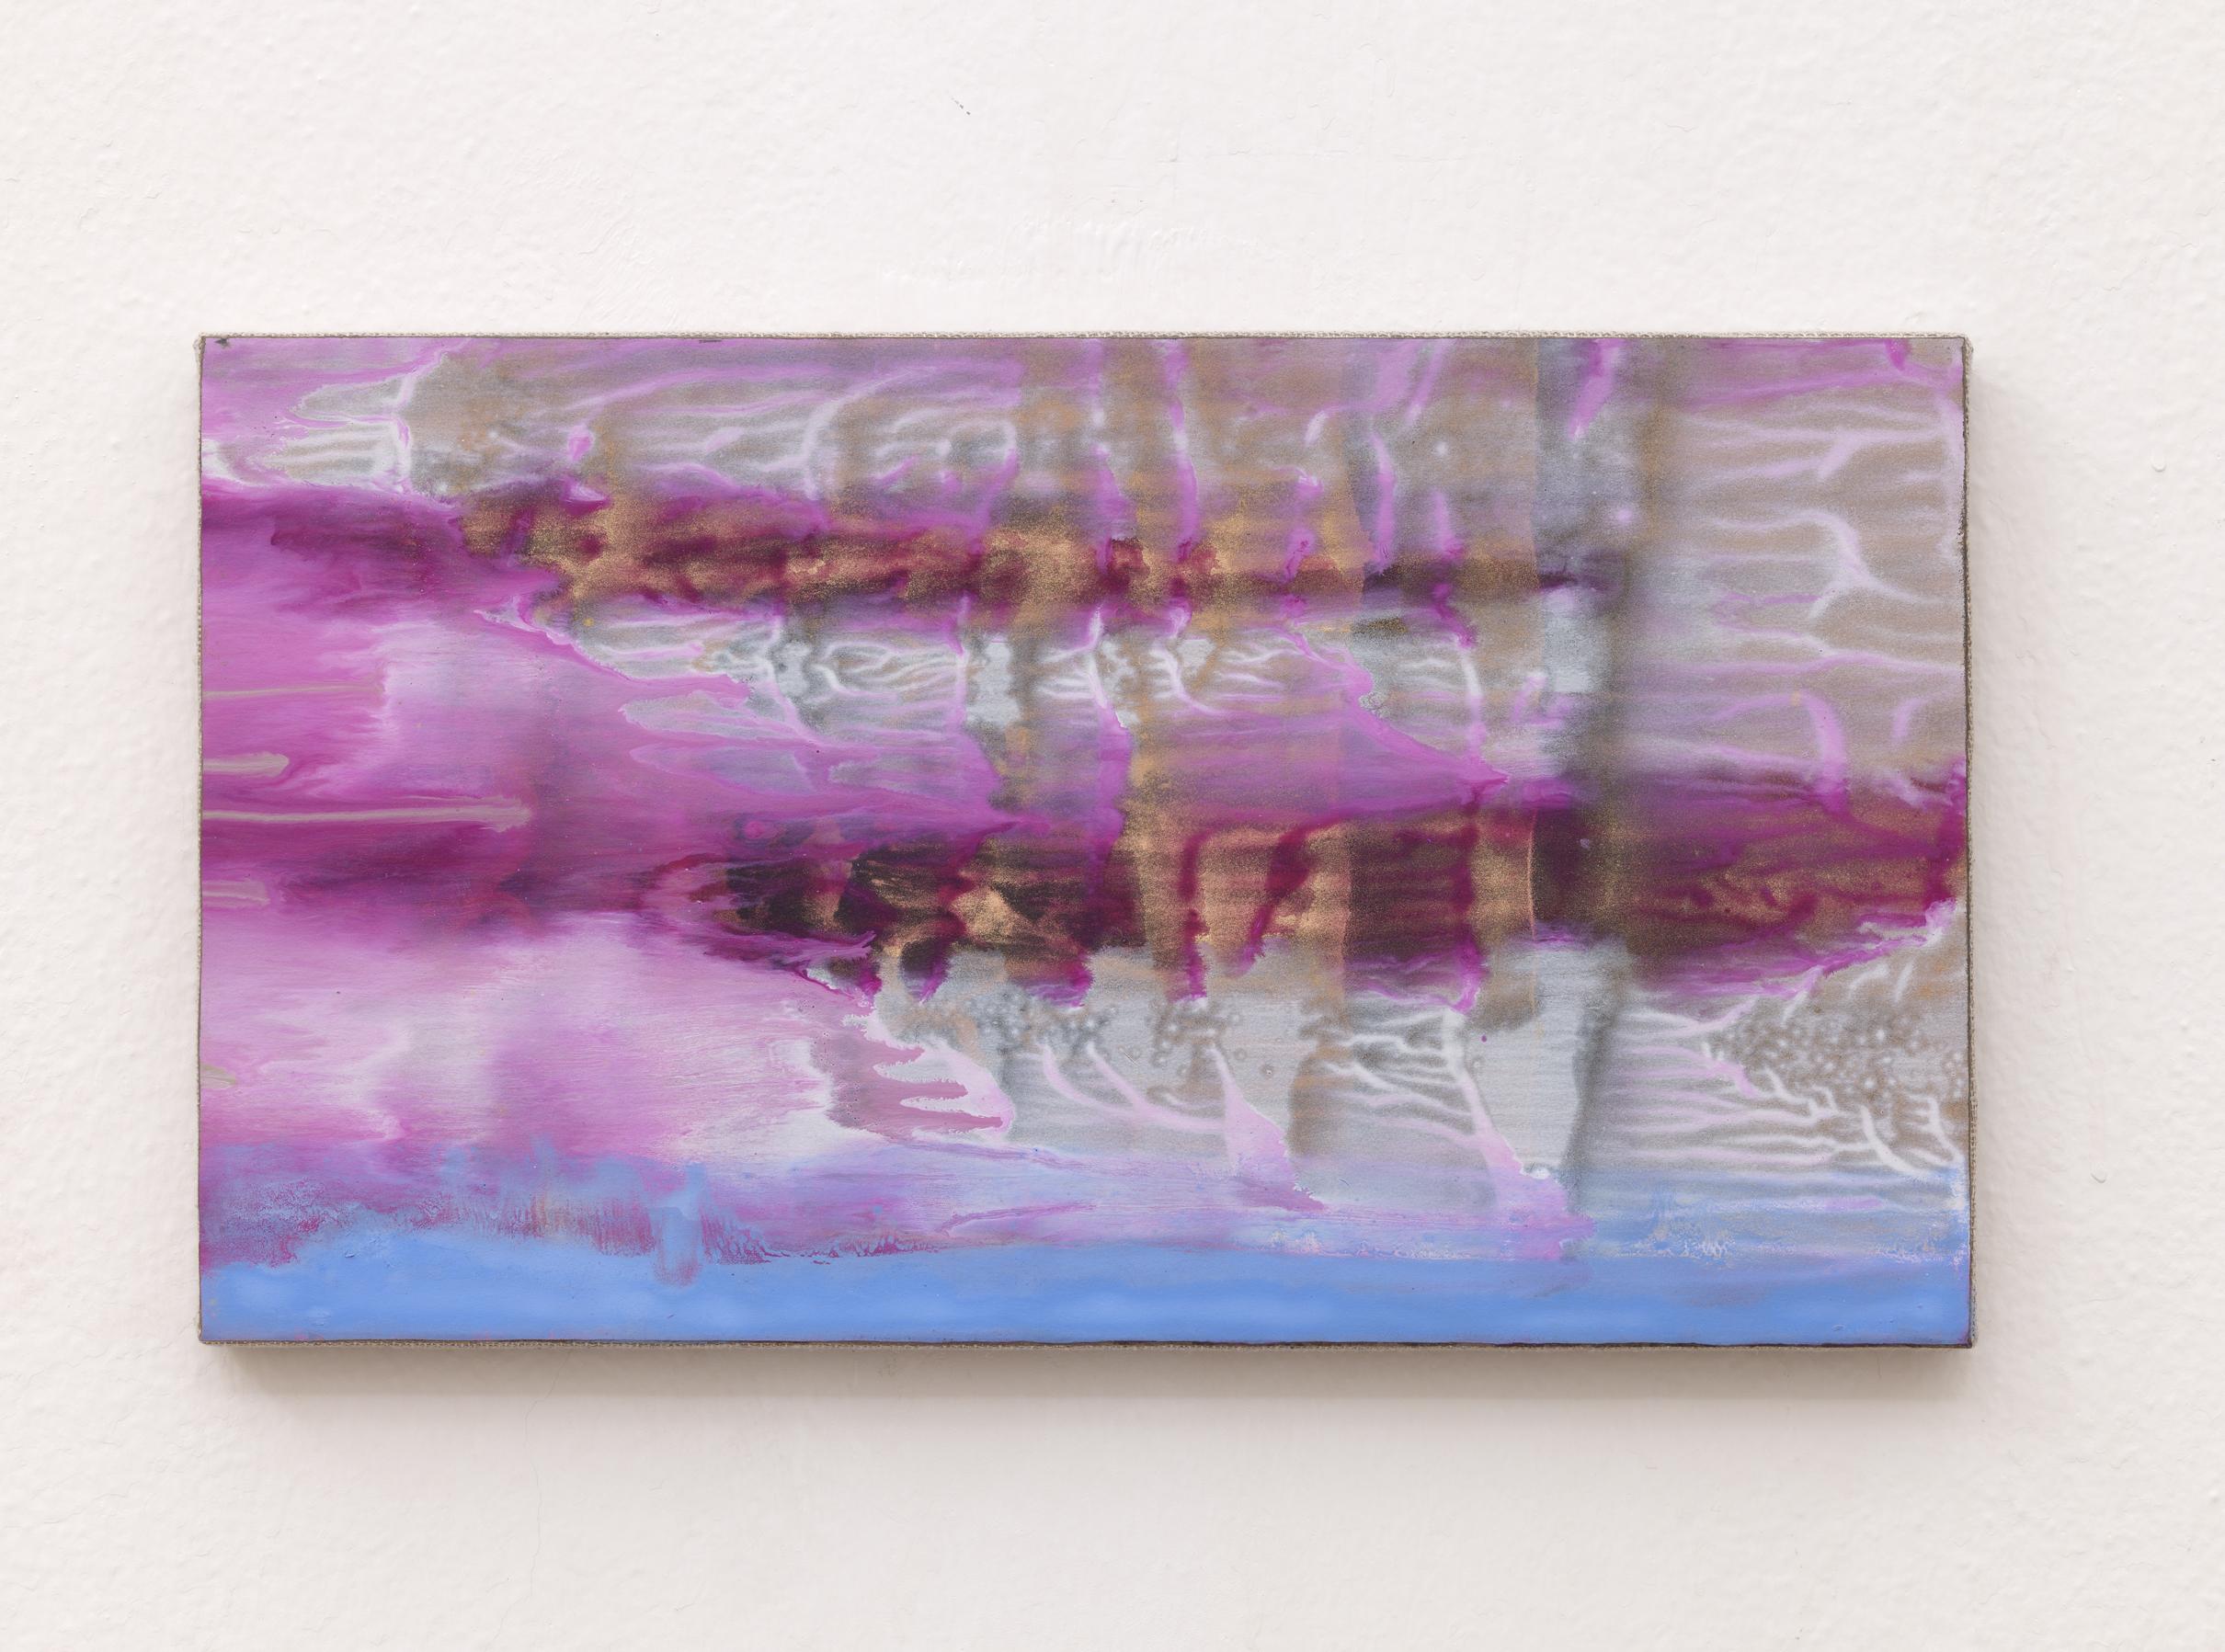 Matteo Montani, Piccolo quadro ventoso, 2014, olio e polvere d'ottone su carta abrasiva intelata, cm 20x35